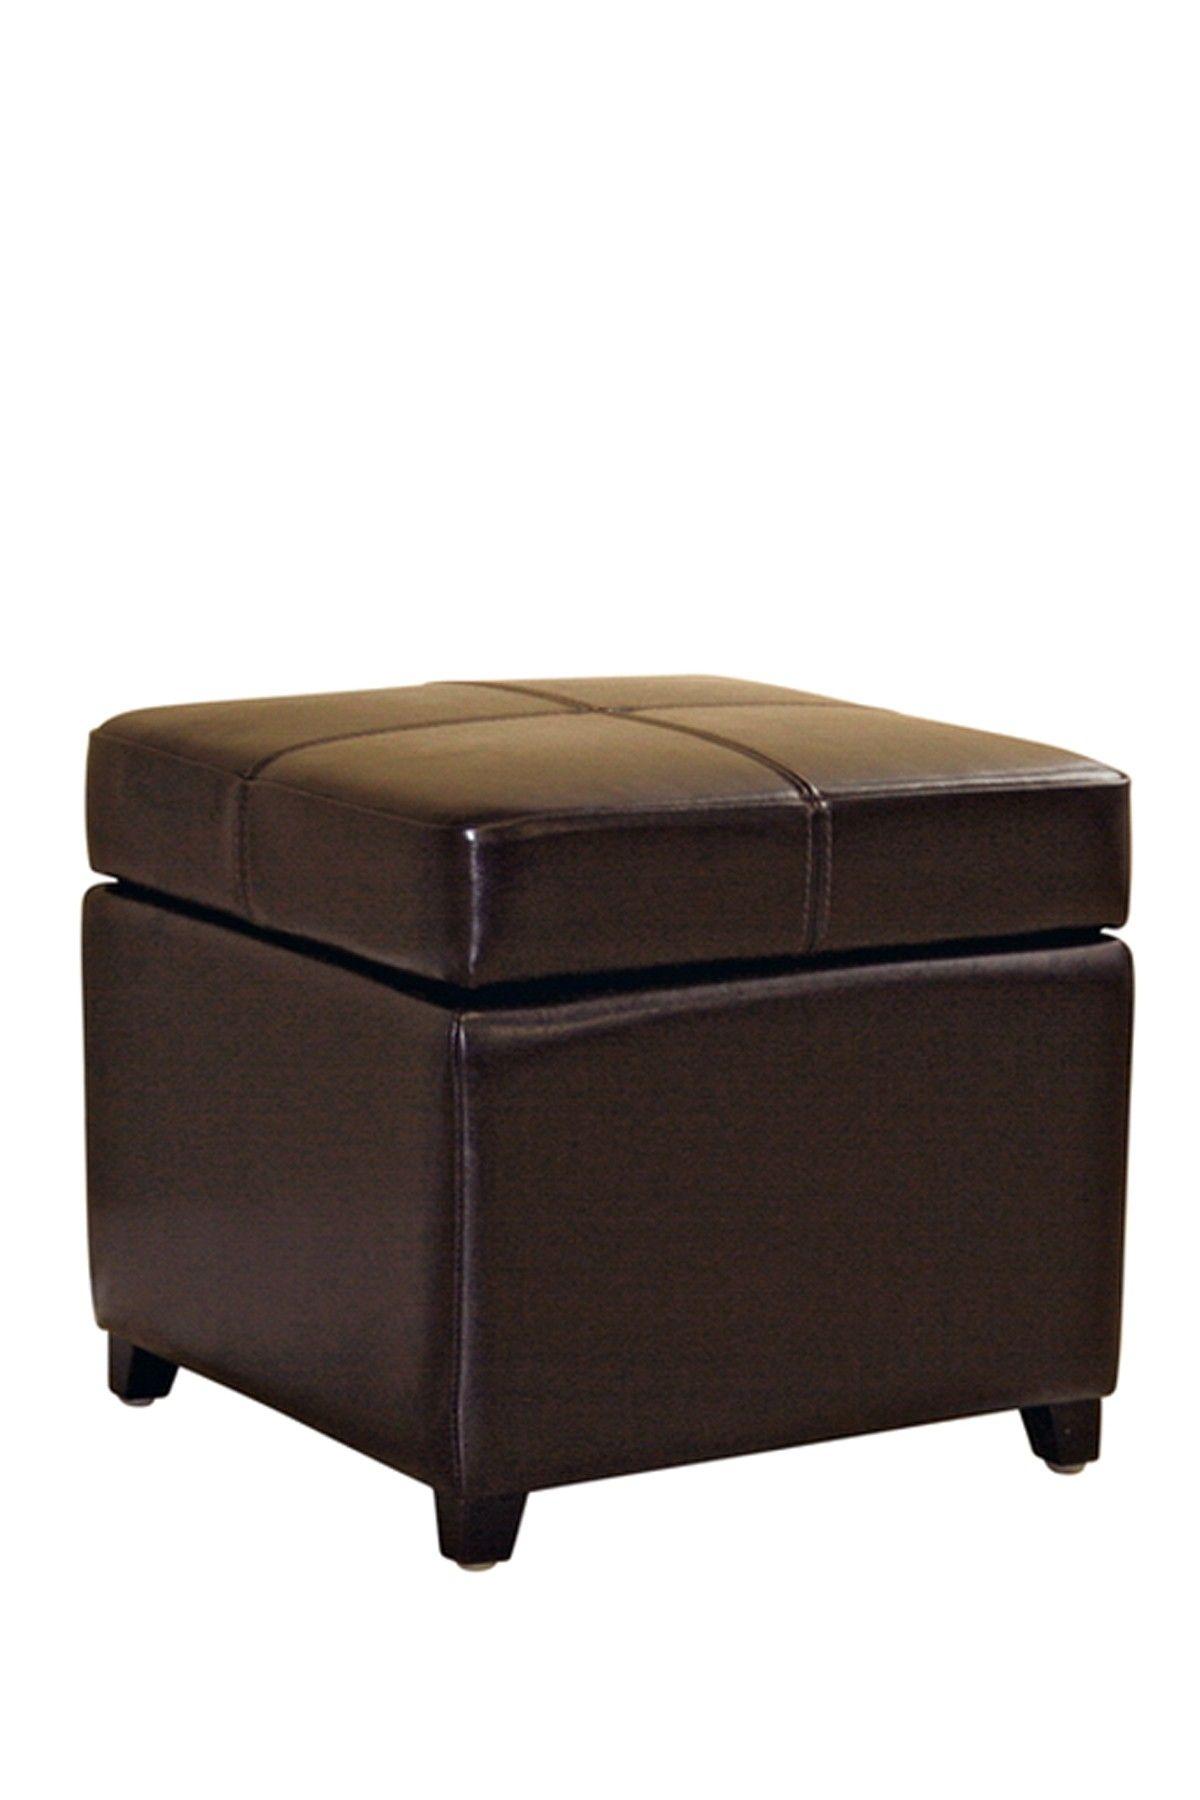 Biondello Square Leather Storage Ottoman Dark Brown On Hautelook Leather Storage Ottoman Storage Cube Ottoman Wholesale Interiors